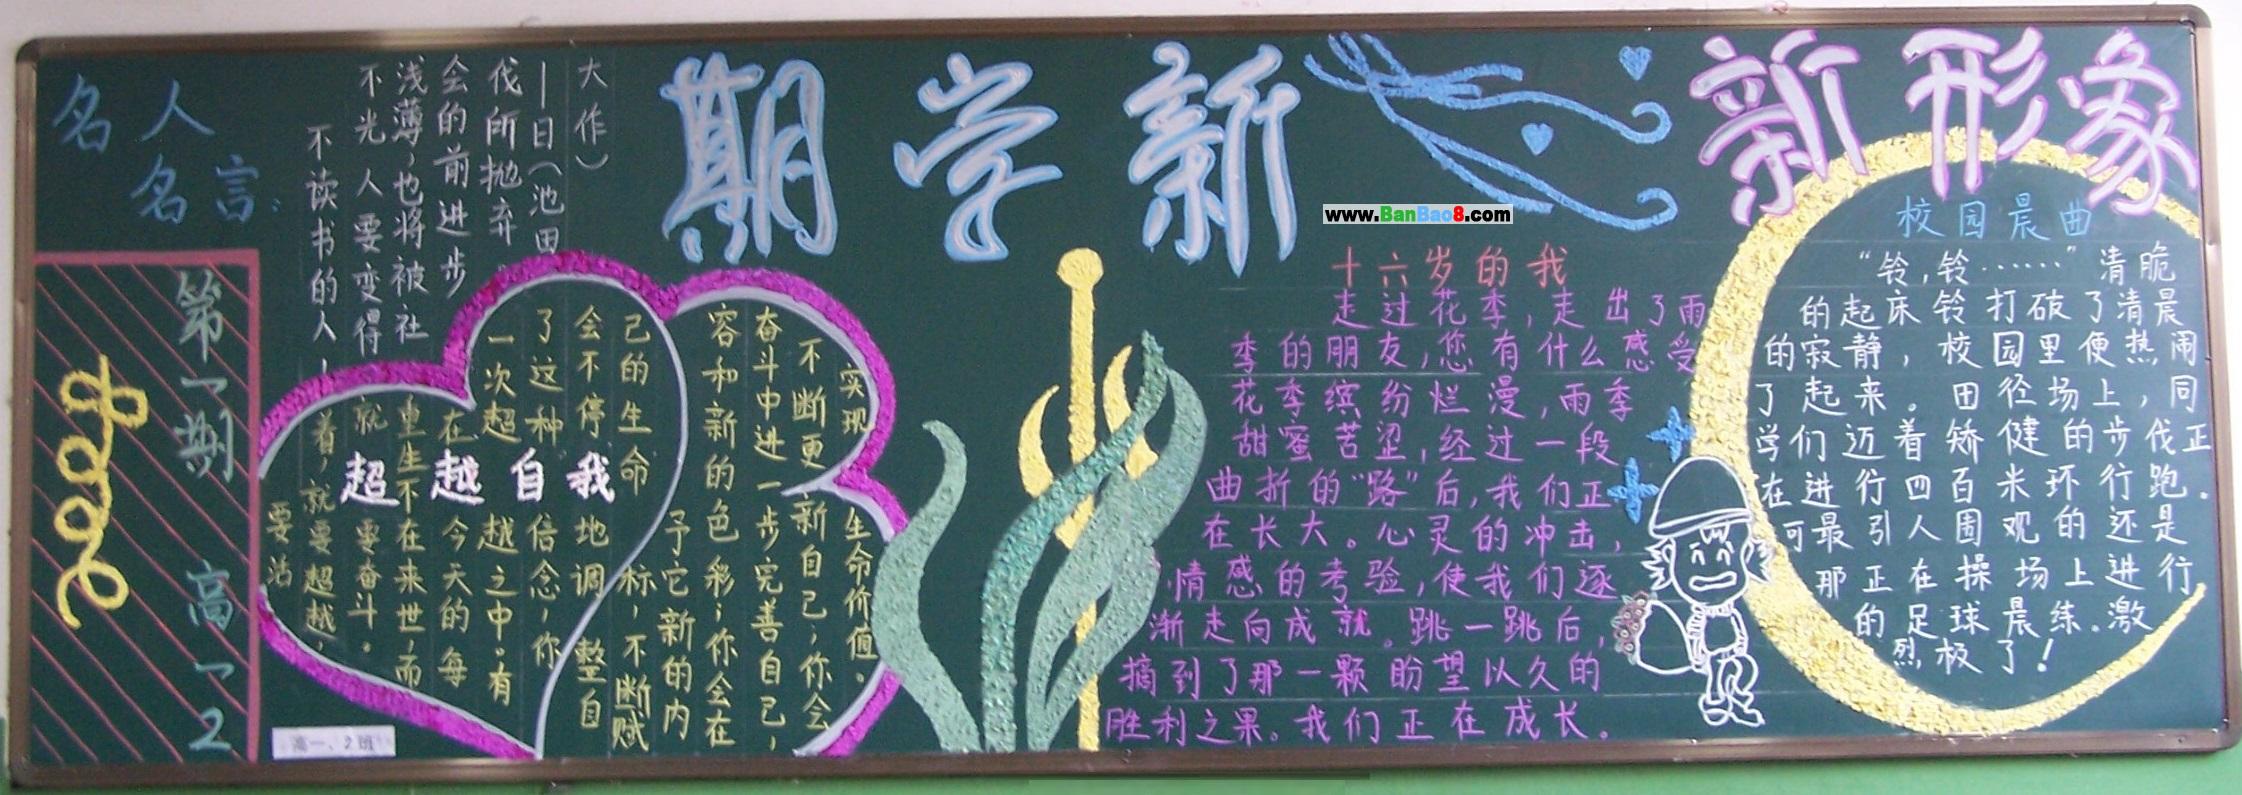 小学生新学期开学黑板报图片大全